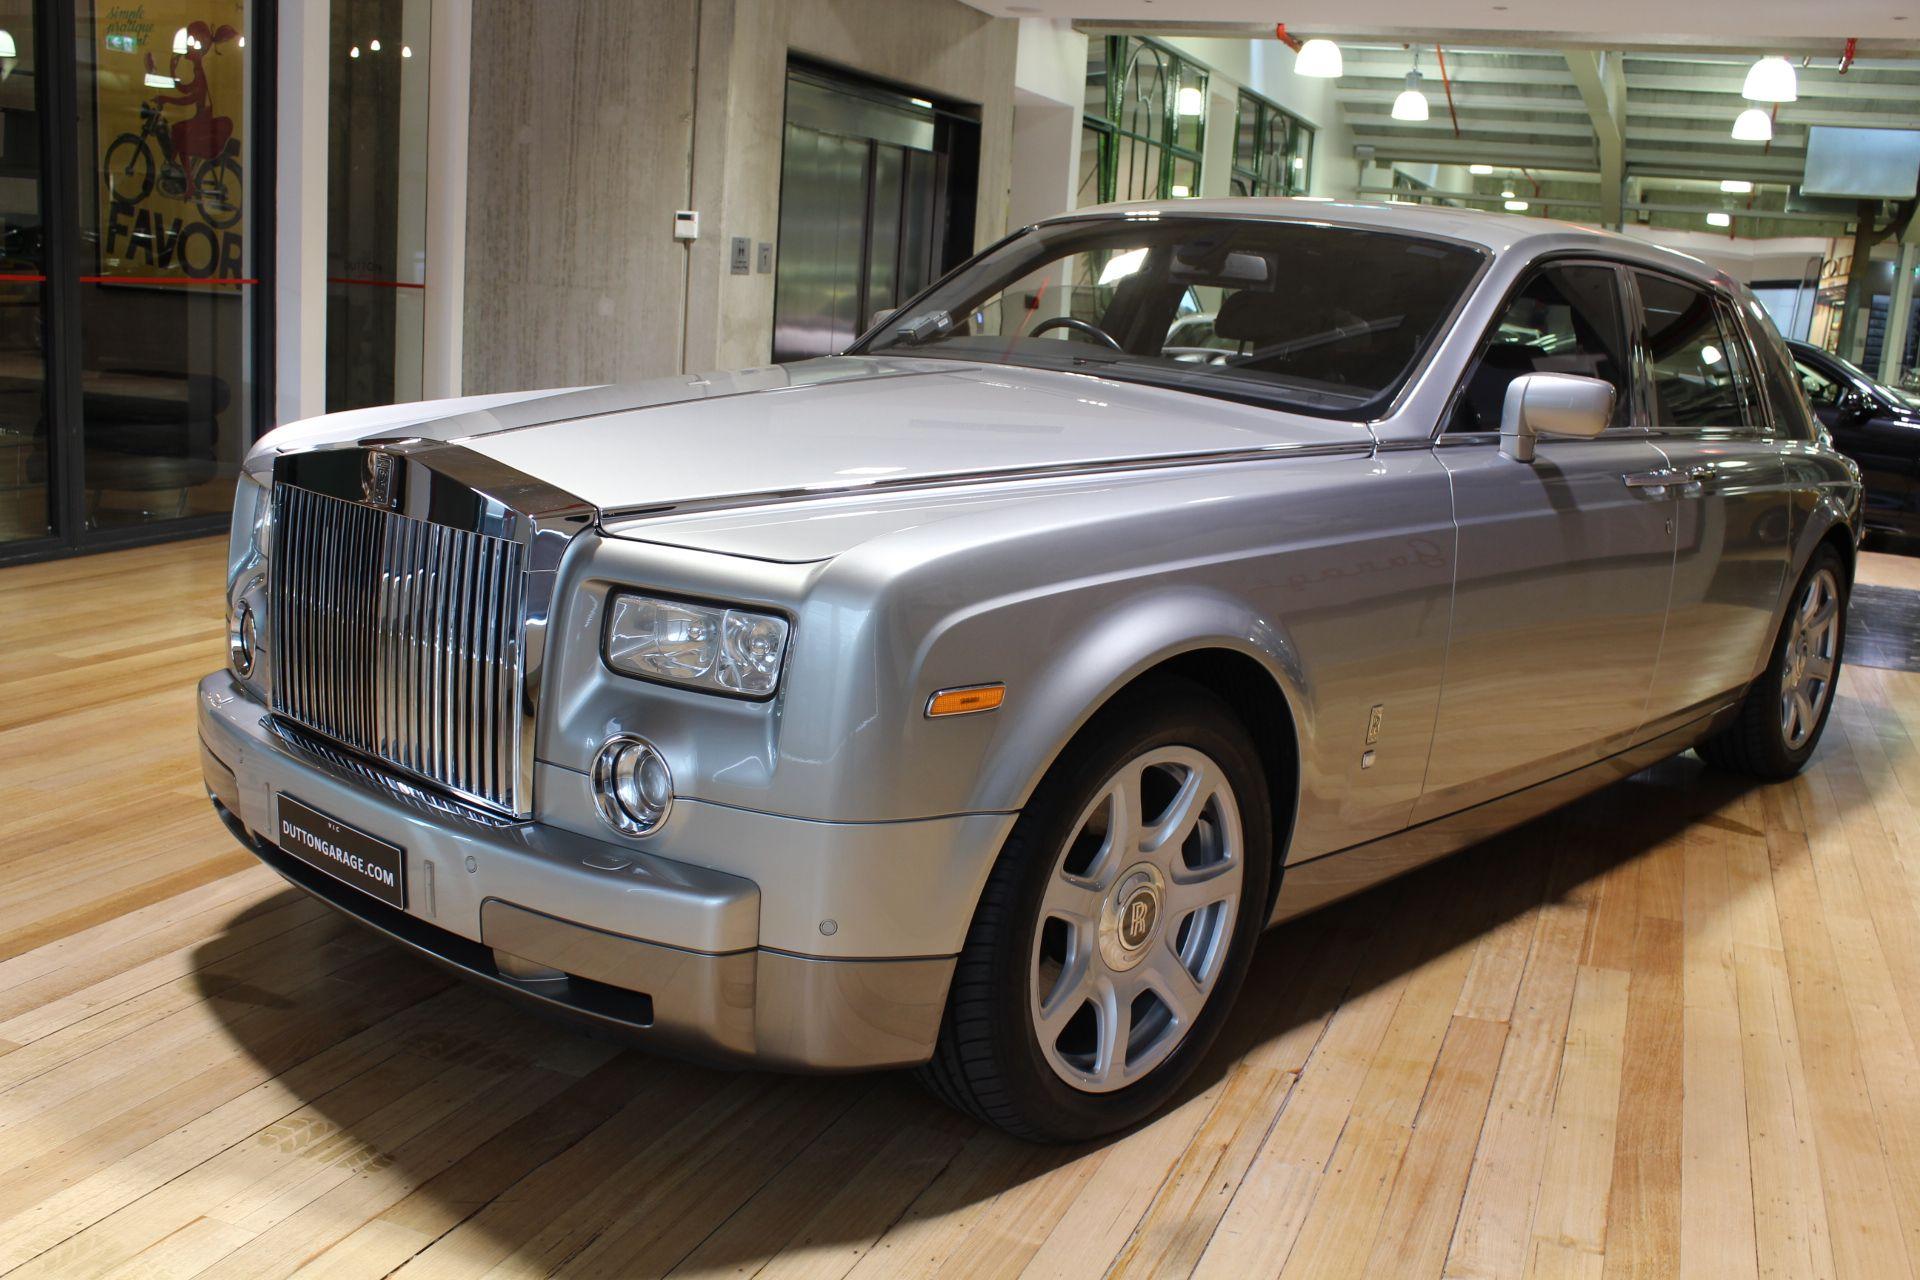 2004 rolls royce phantom 1s68 for sale in australia